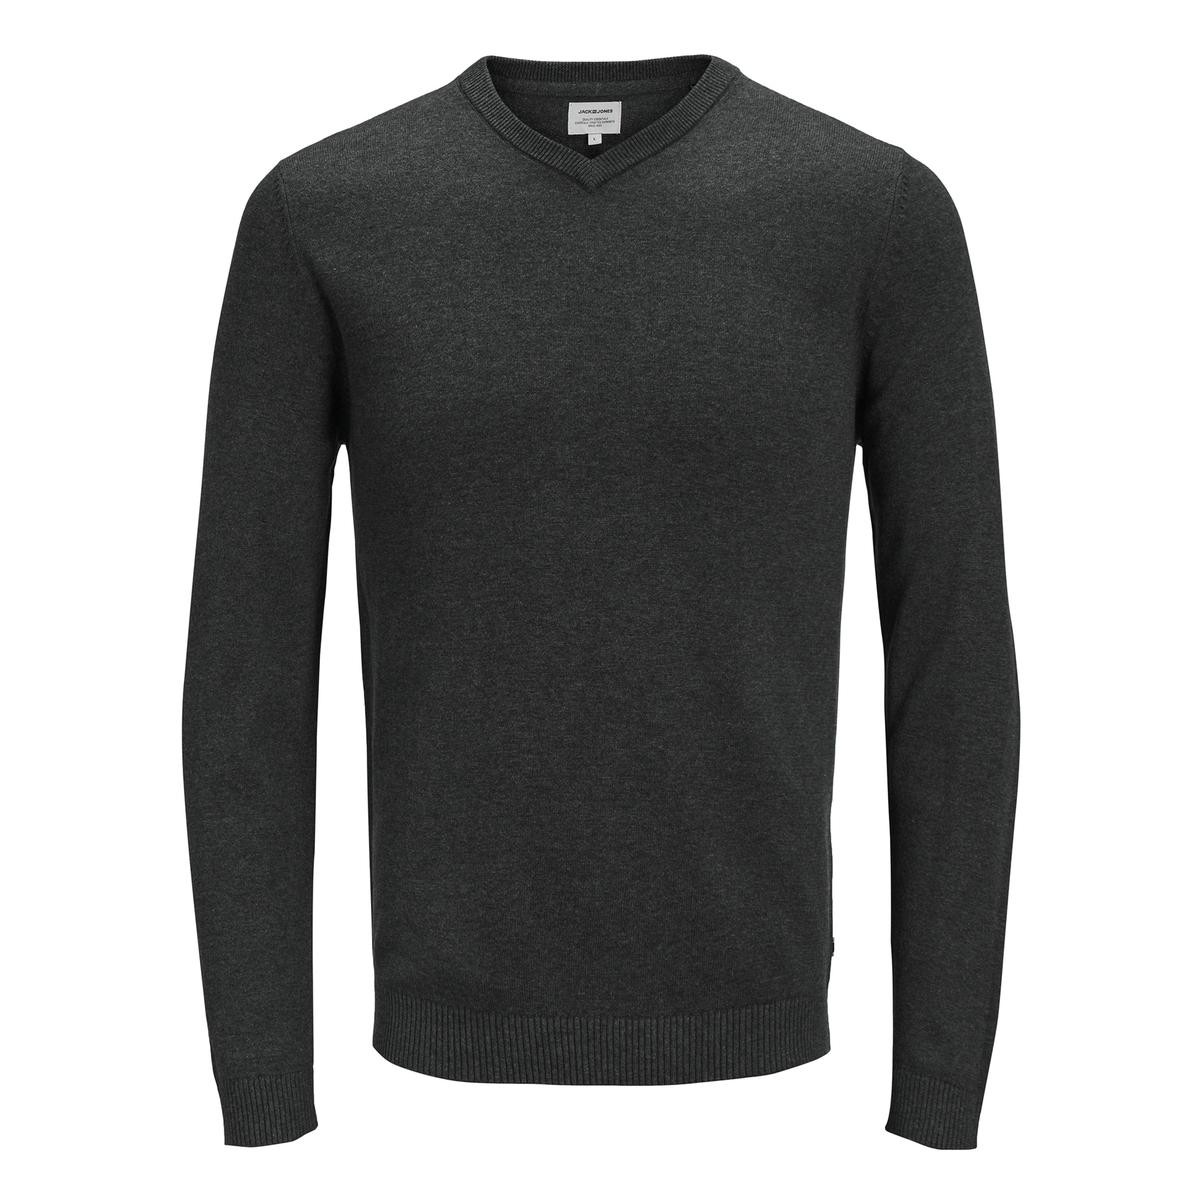 купить Пуловер с V-образным вырезом из тонкого трикотажа по цене 2249 рублей